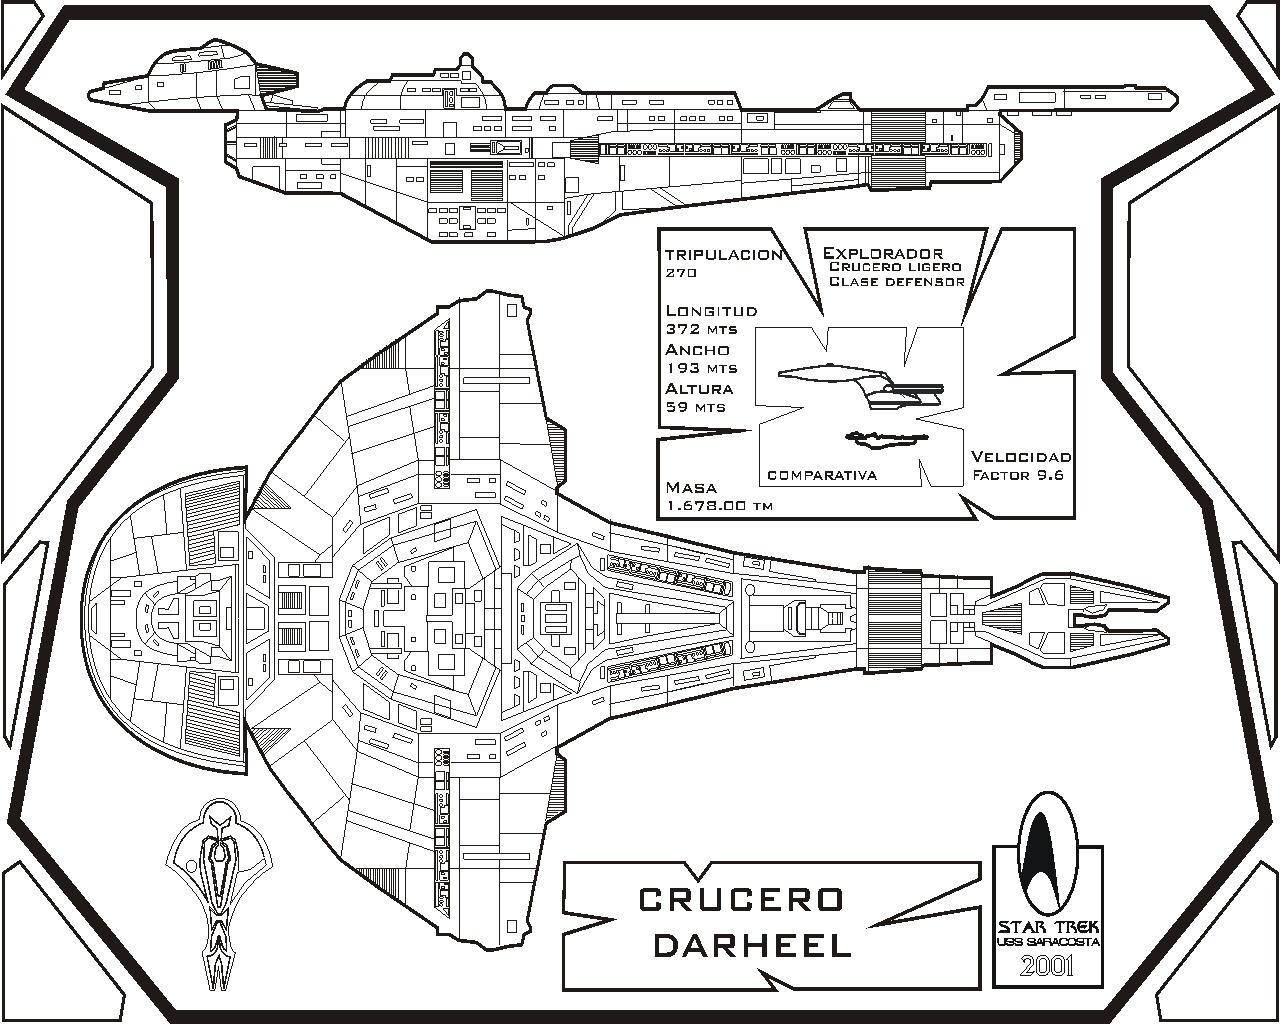 Star Trek Blueprints U S S Enterprise Ncc 1701a Deck Plans